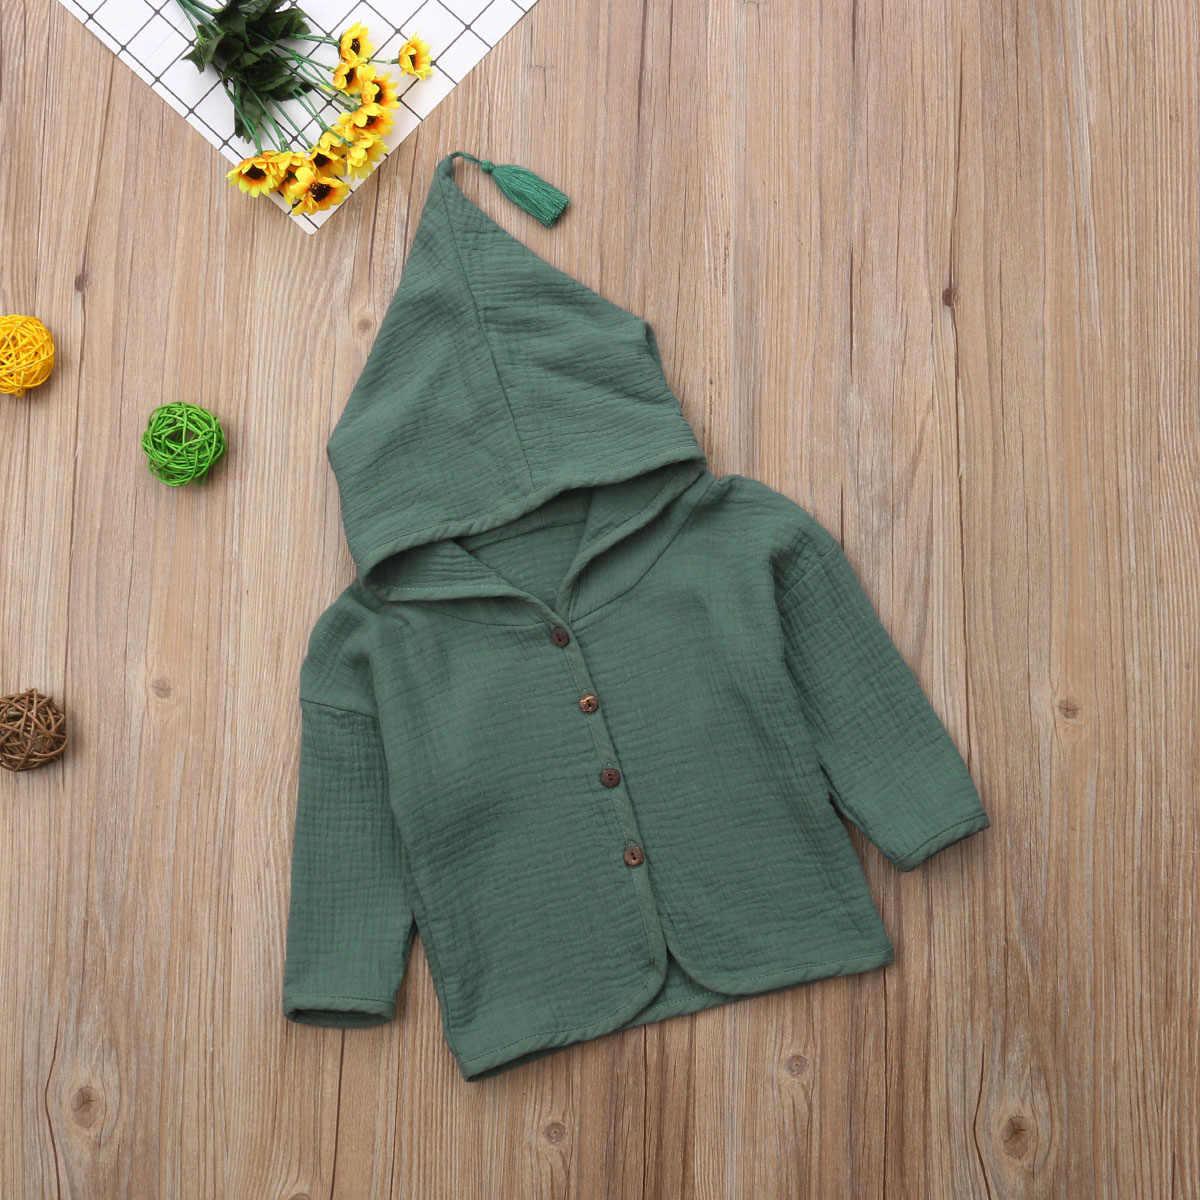 2018 חדש לגמרי סתיו חורף אופנה סיבתי ילדי תינוק בנות בני מעיל מוצק מעיל מחודדת ברדס פשתן כותנה מעילי תלבושת 1-6Y